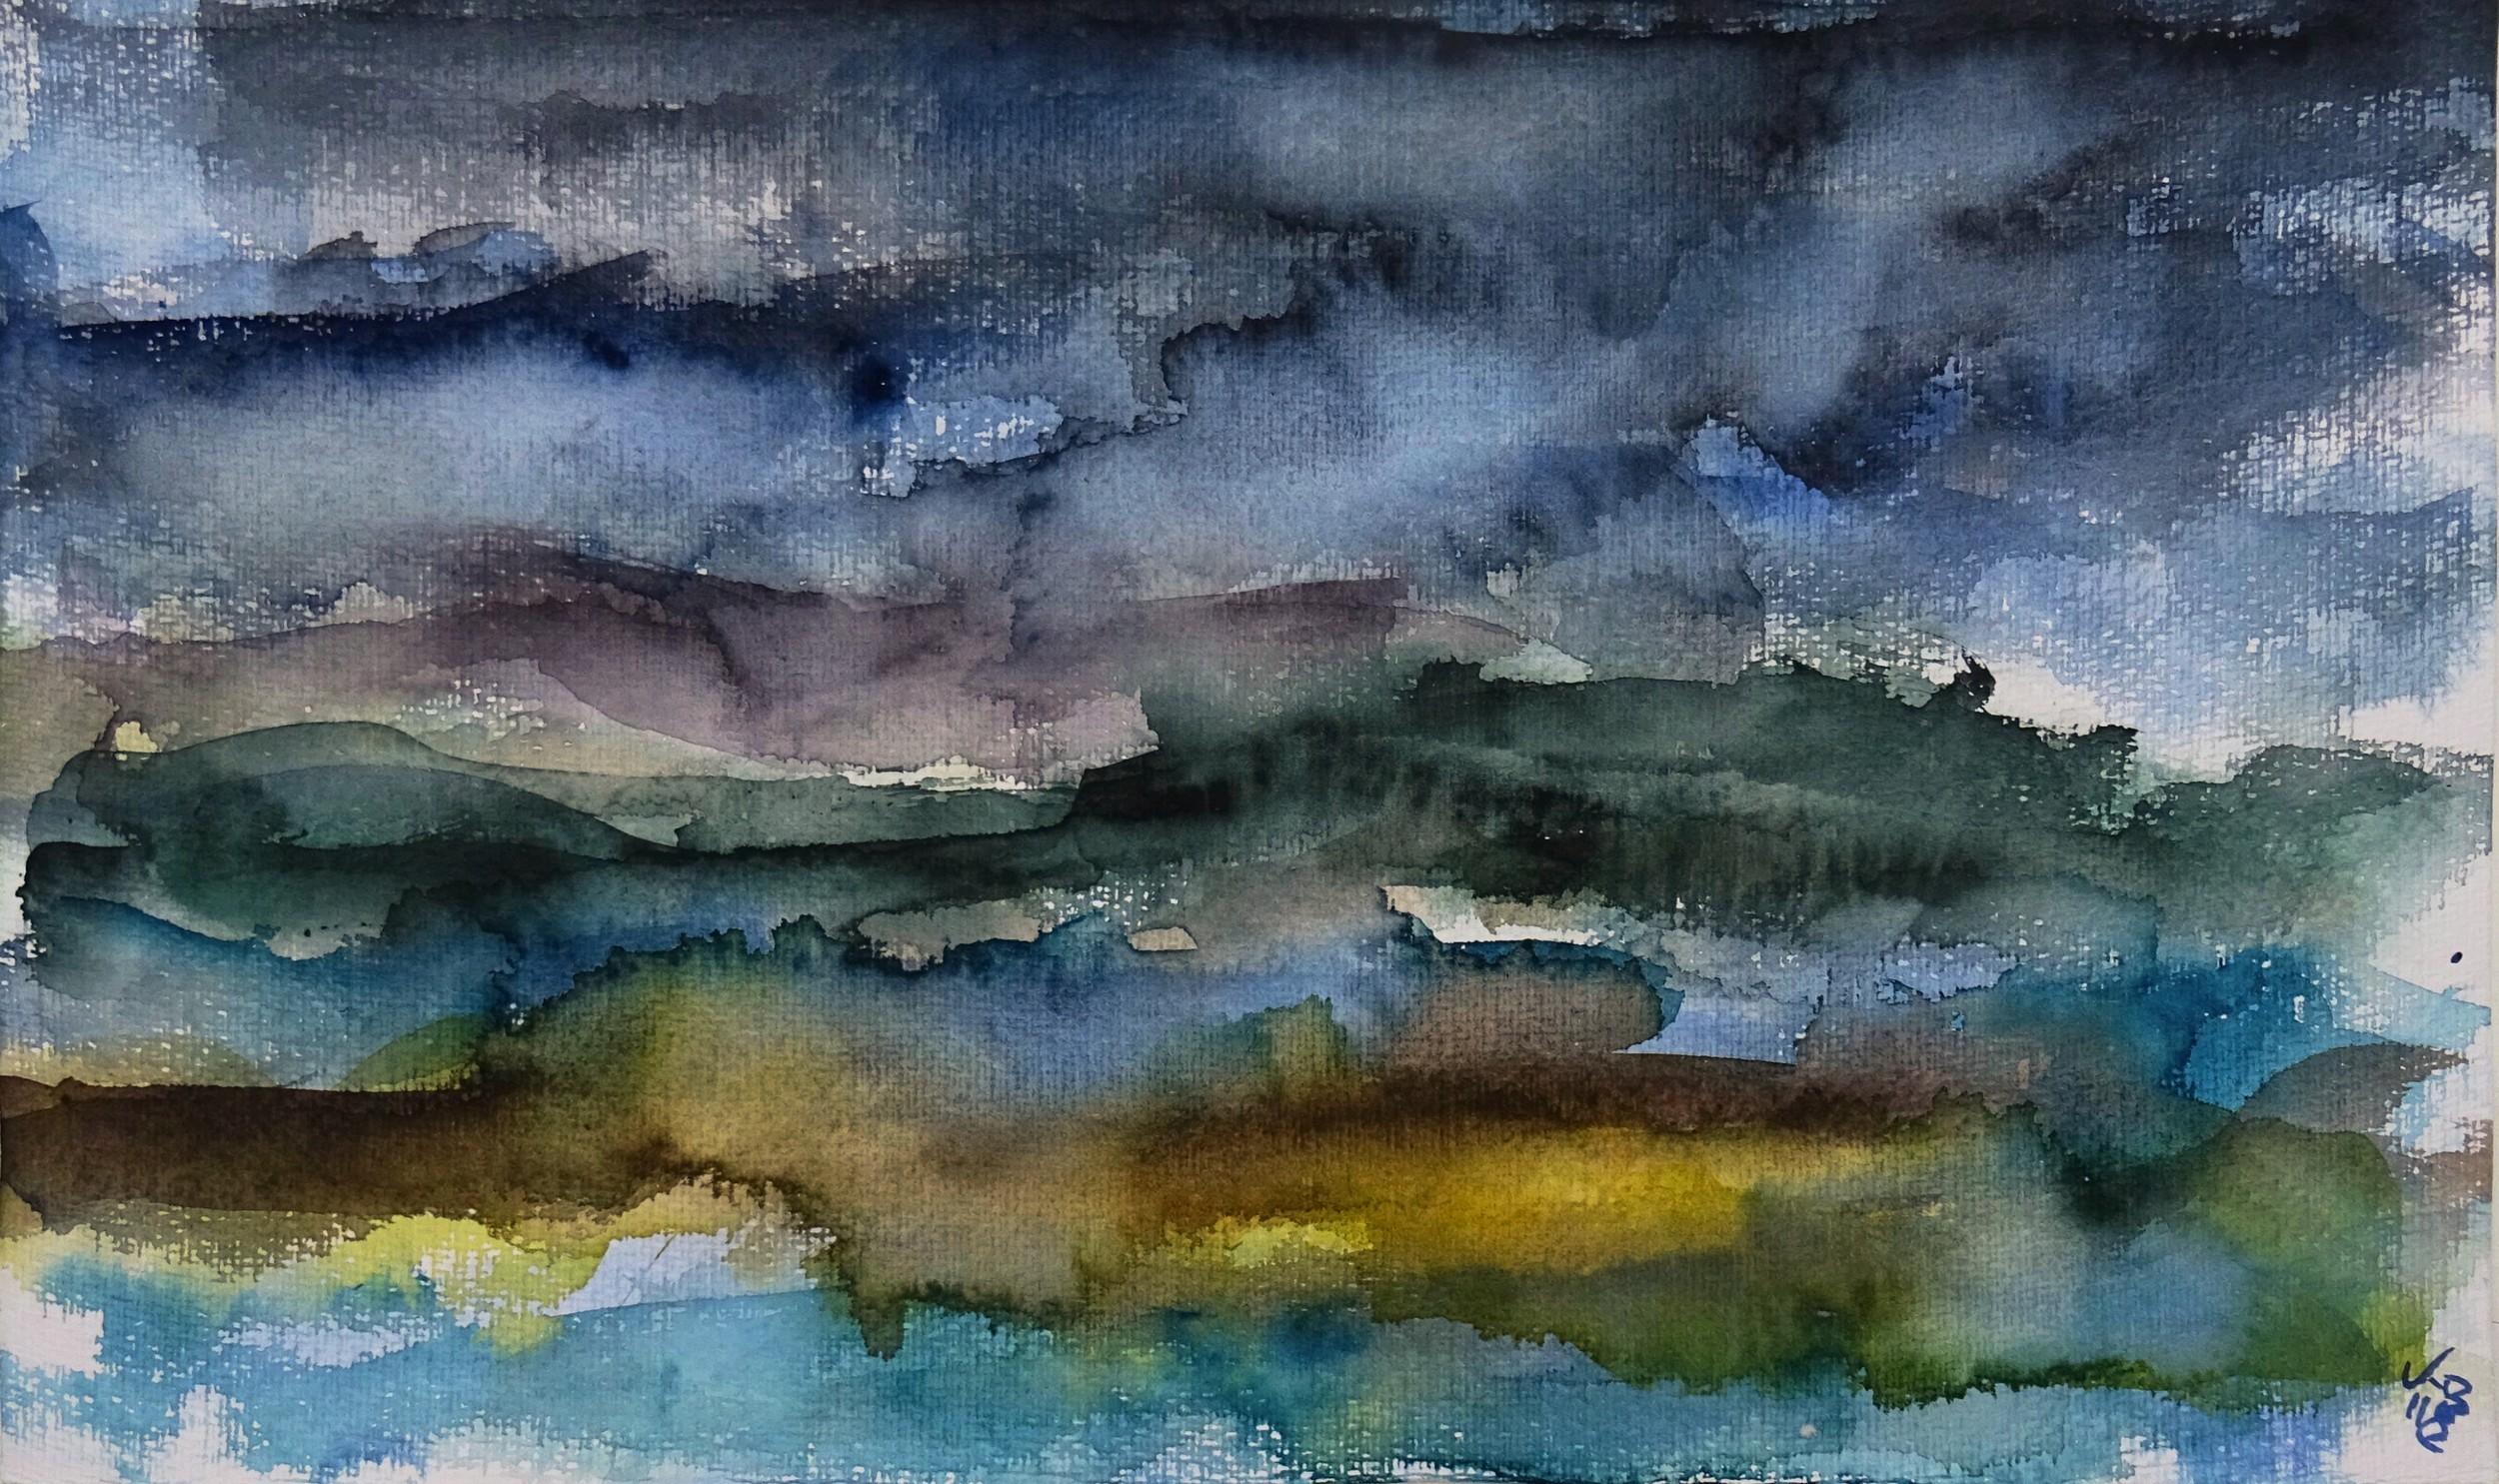 18-12-29_outer_hebrides_north_uist_port_nan_long_2_Watercolour_50_x_30_cm_©2018_by_Klaus_Bölling.jpg